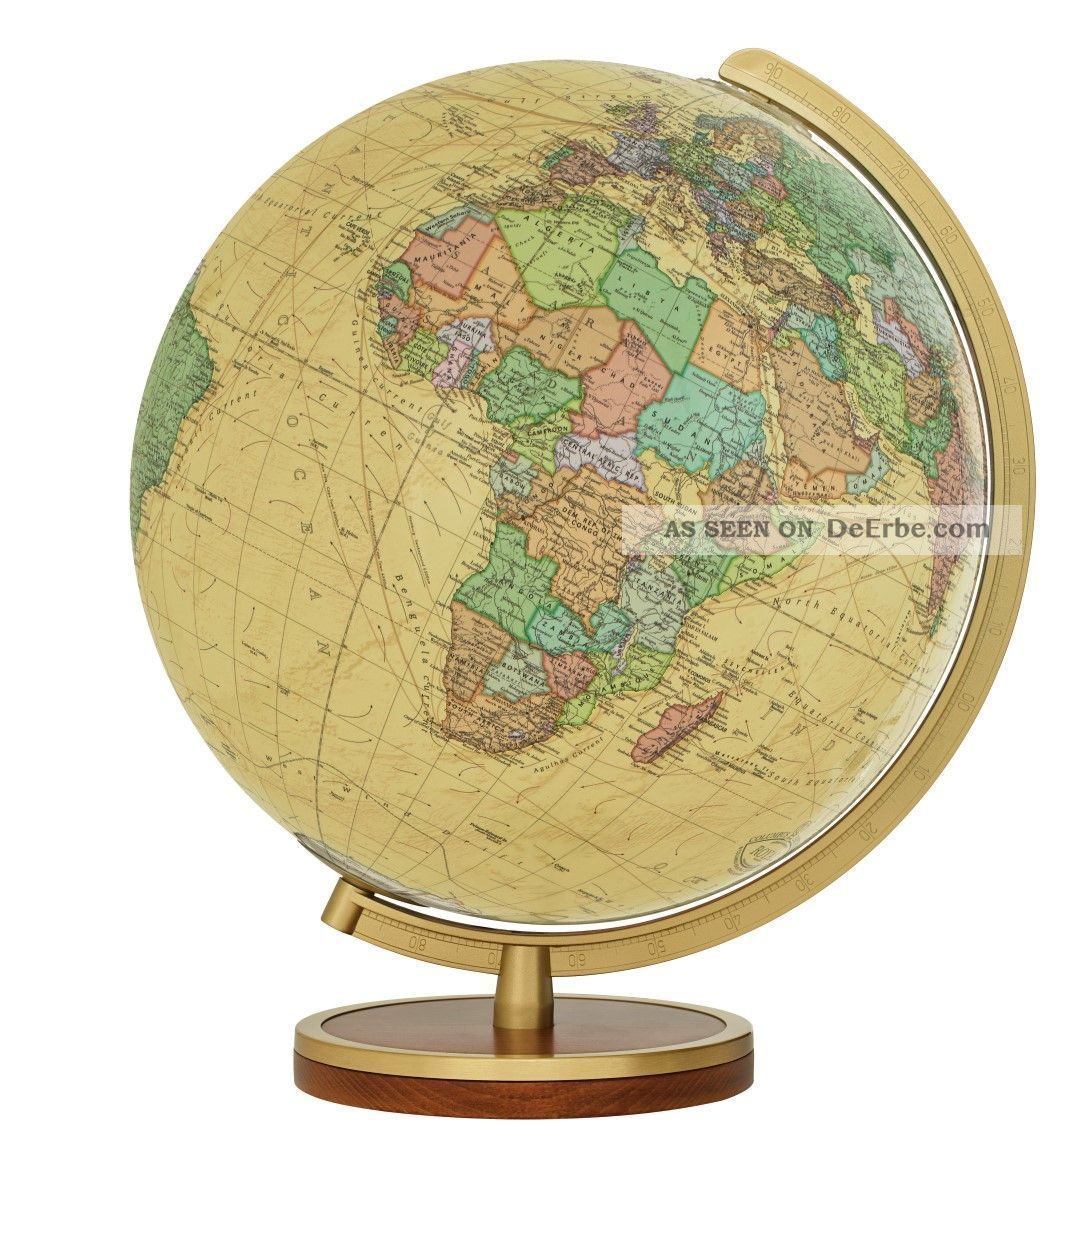 Tischglobus T223453 Columbus Royal 34 Cm Leuchtglobus Antik Globus Globe Wissenschaftliche Instrumente Bild